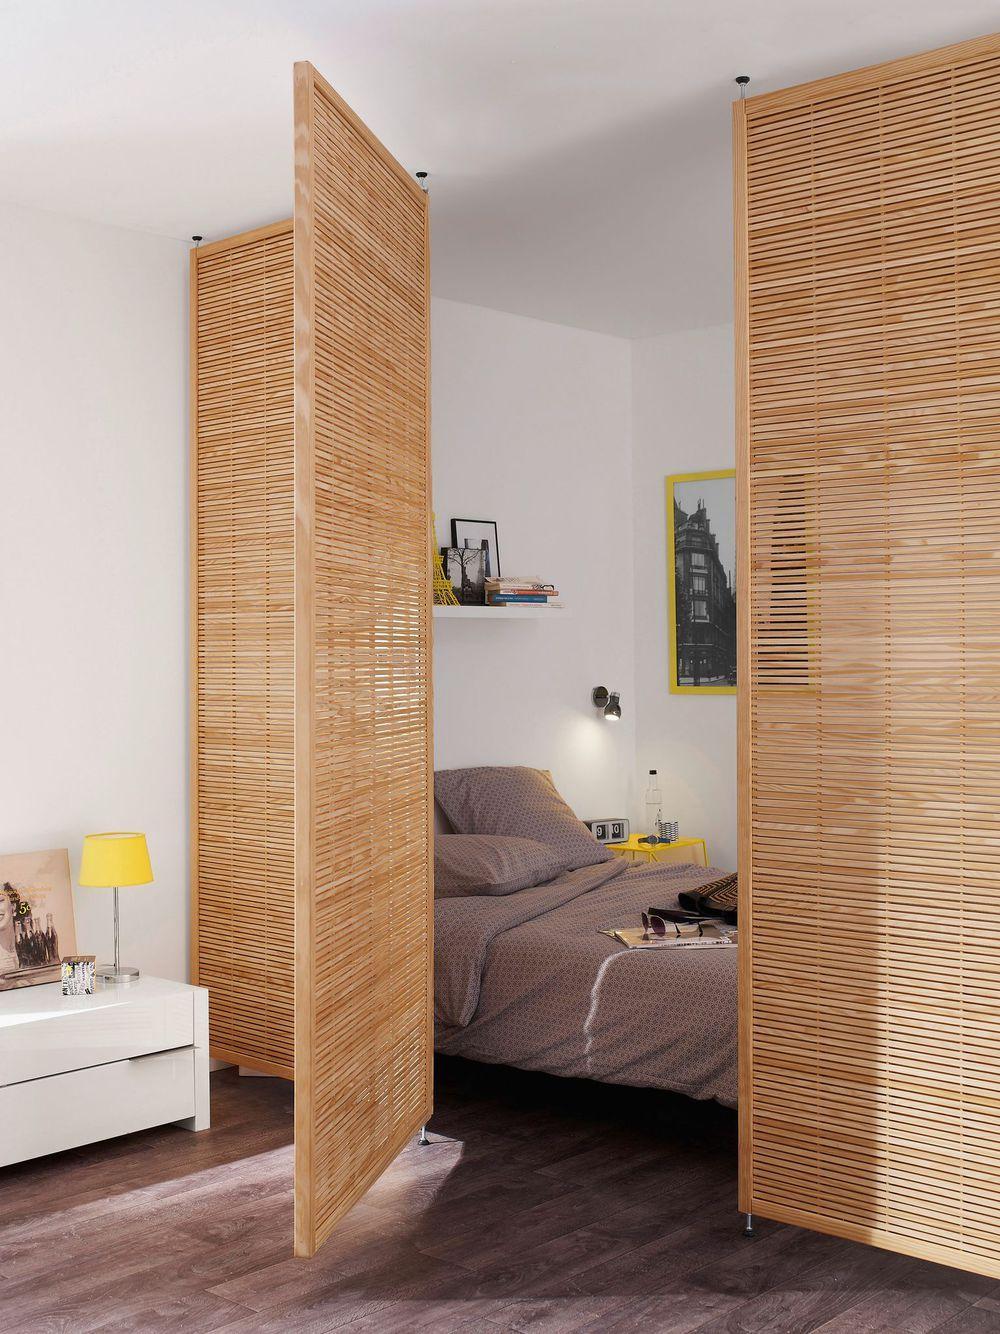 des brises vues 1000 1334 kasia pinterest brise vue brise et cloisons. Black Bedroom Furniture Sets. Home Design Ideas